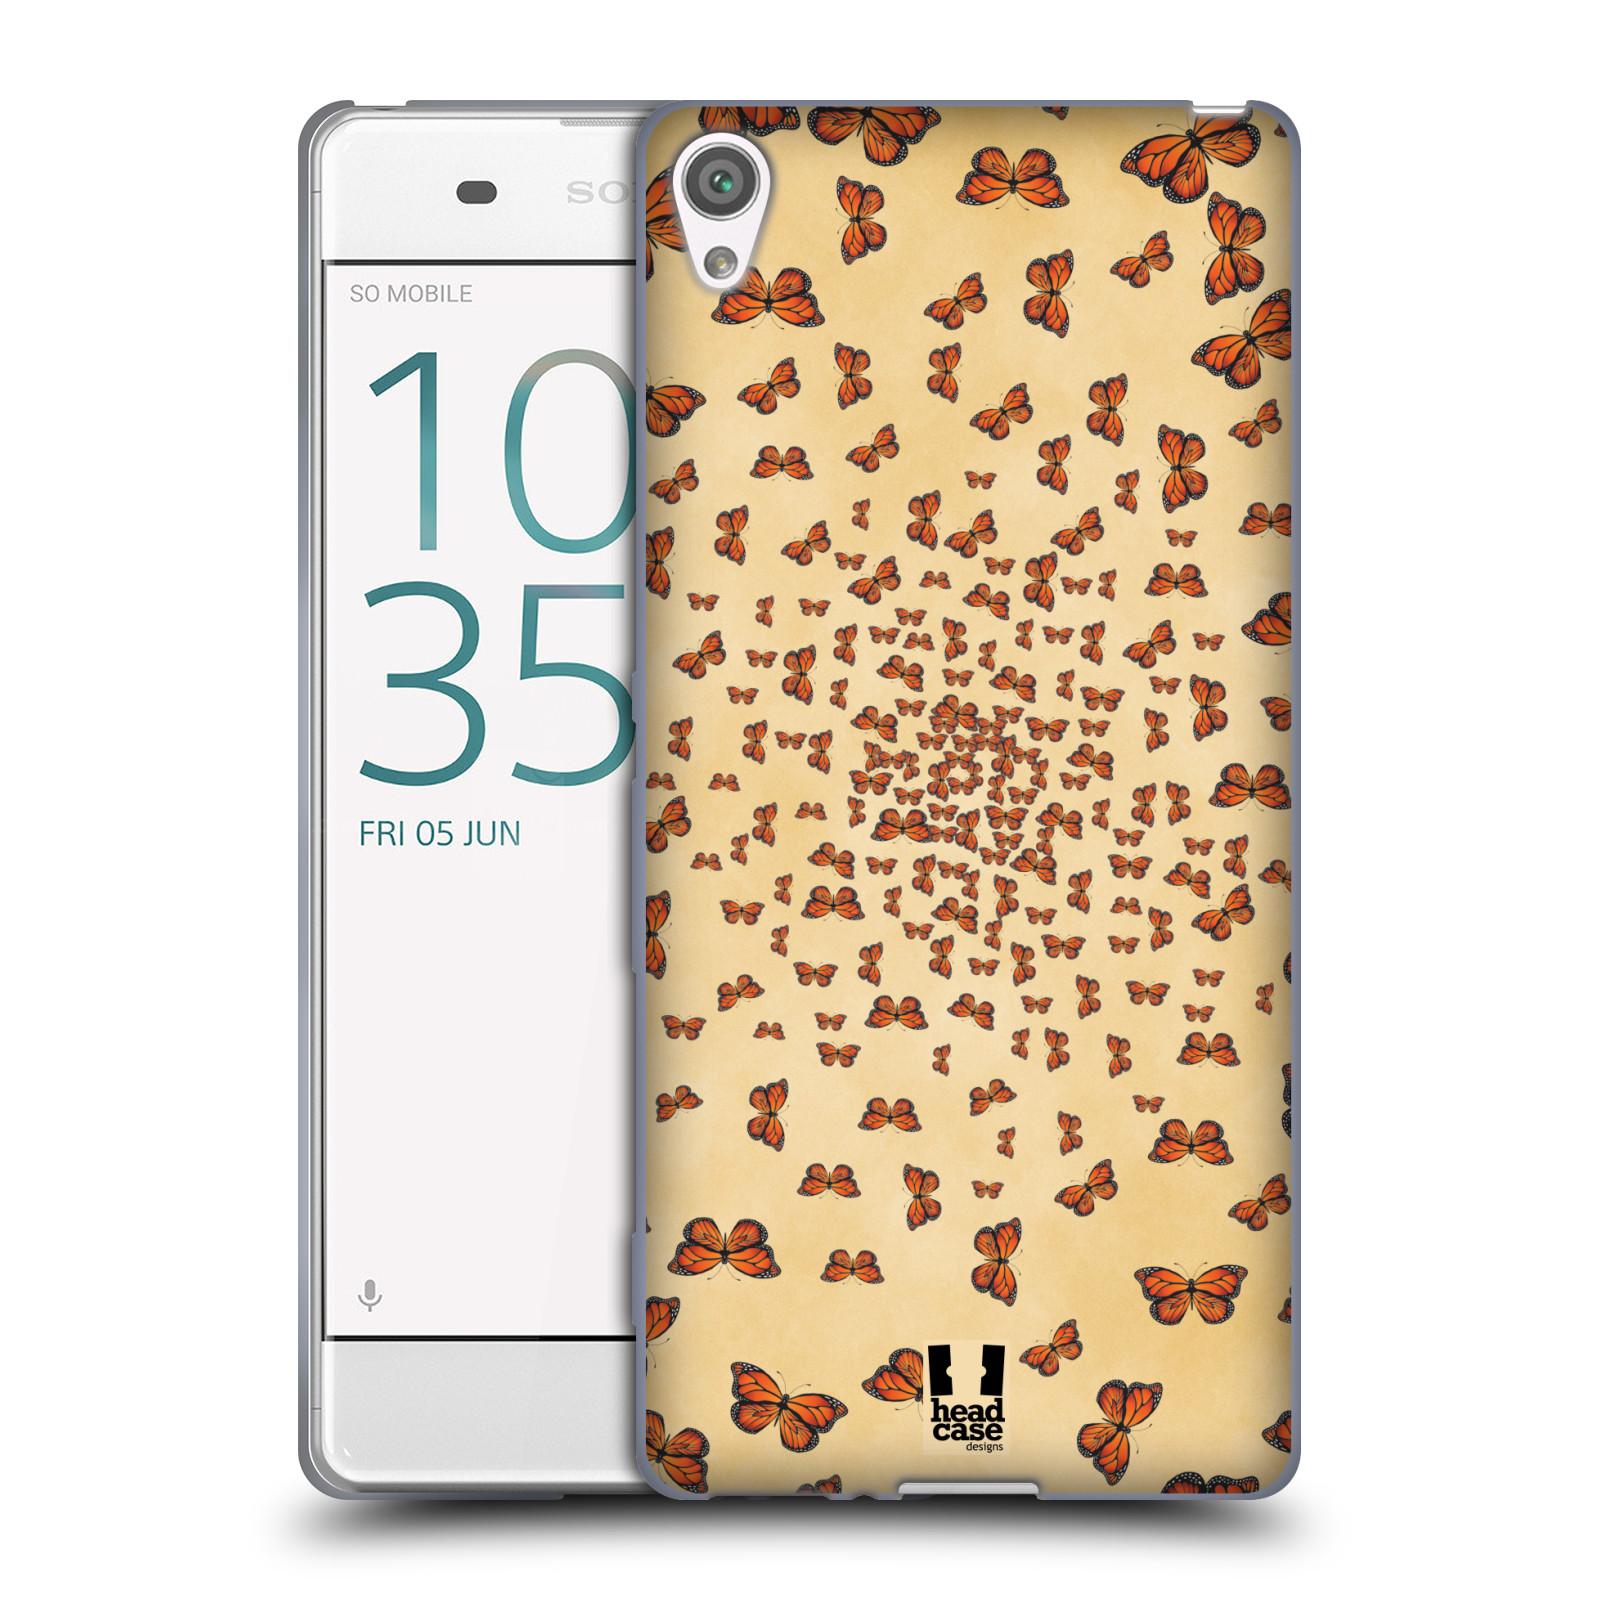 Silikonové pouzdro na mobil Sony Xperia XA - Head Case - Mraky motýlků